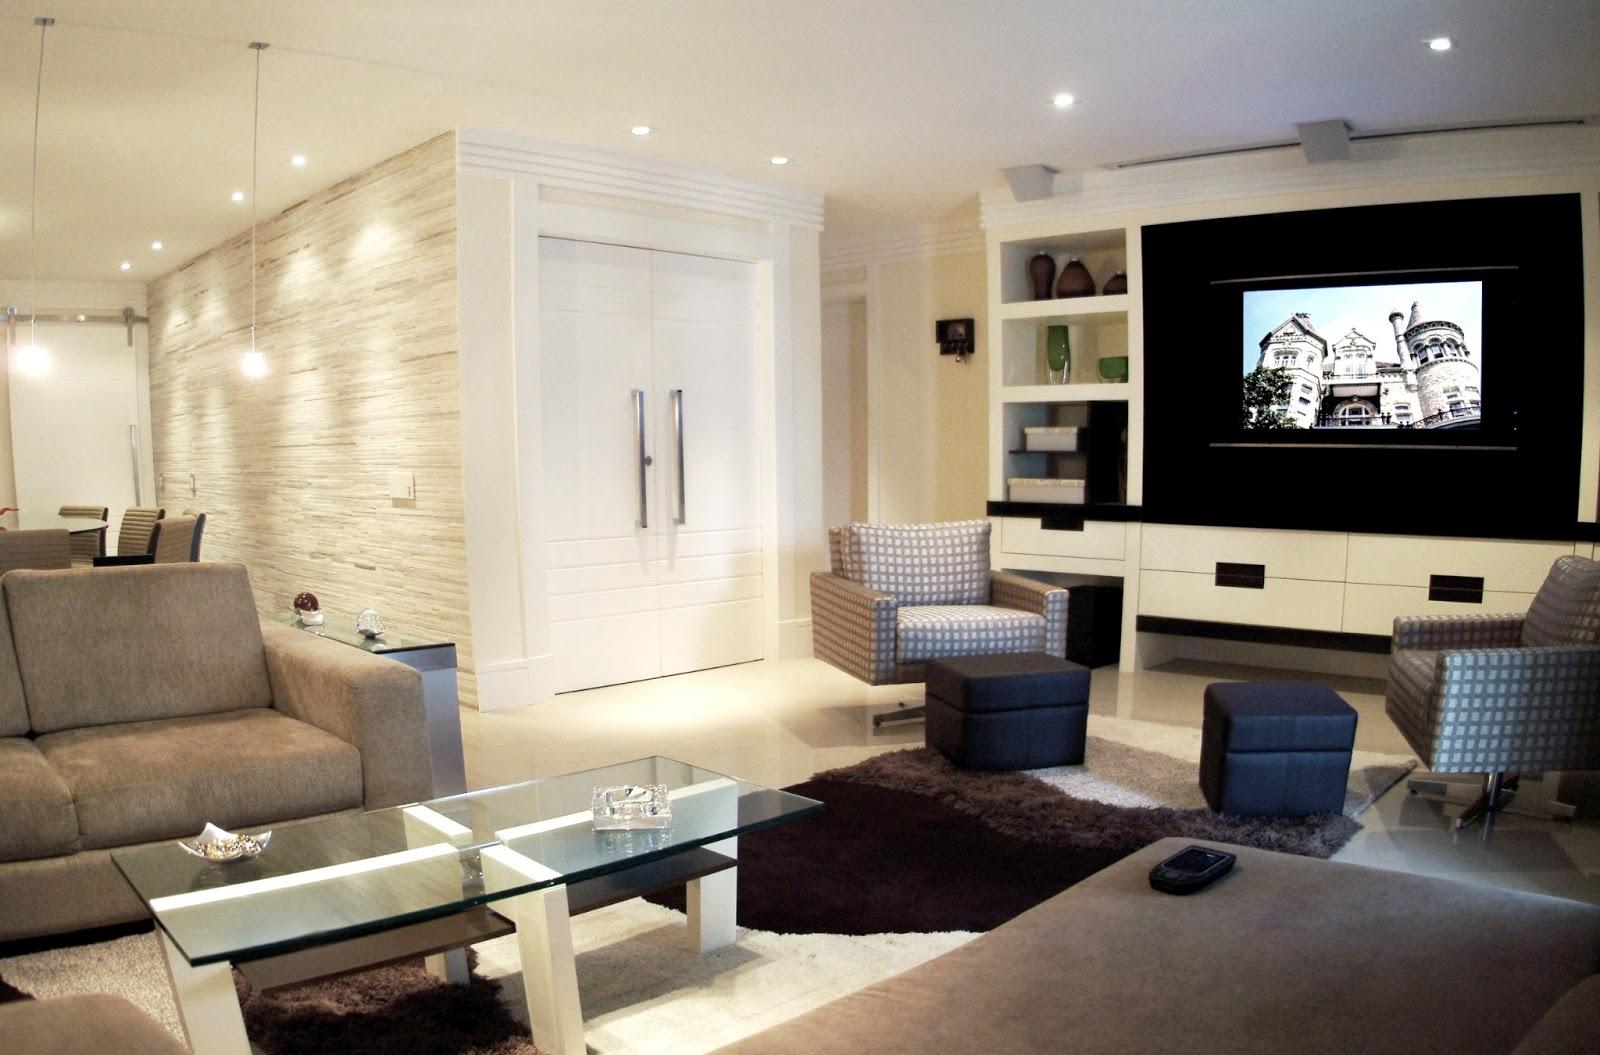 Adriana Scartaris design de interiores: APARTAMENTO 240m² SANTANA SP #847047 1600 1055